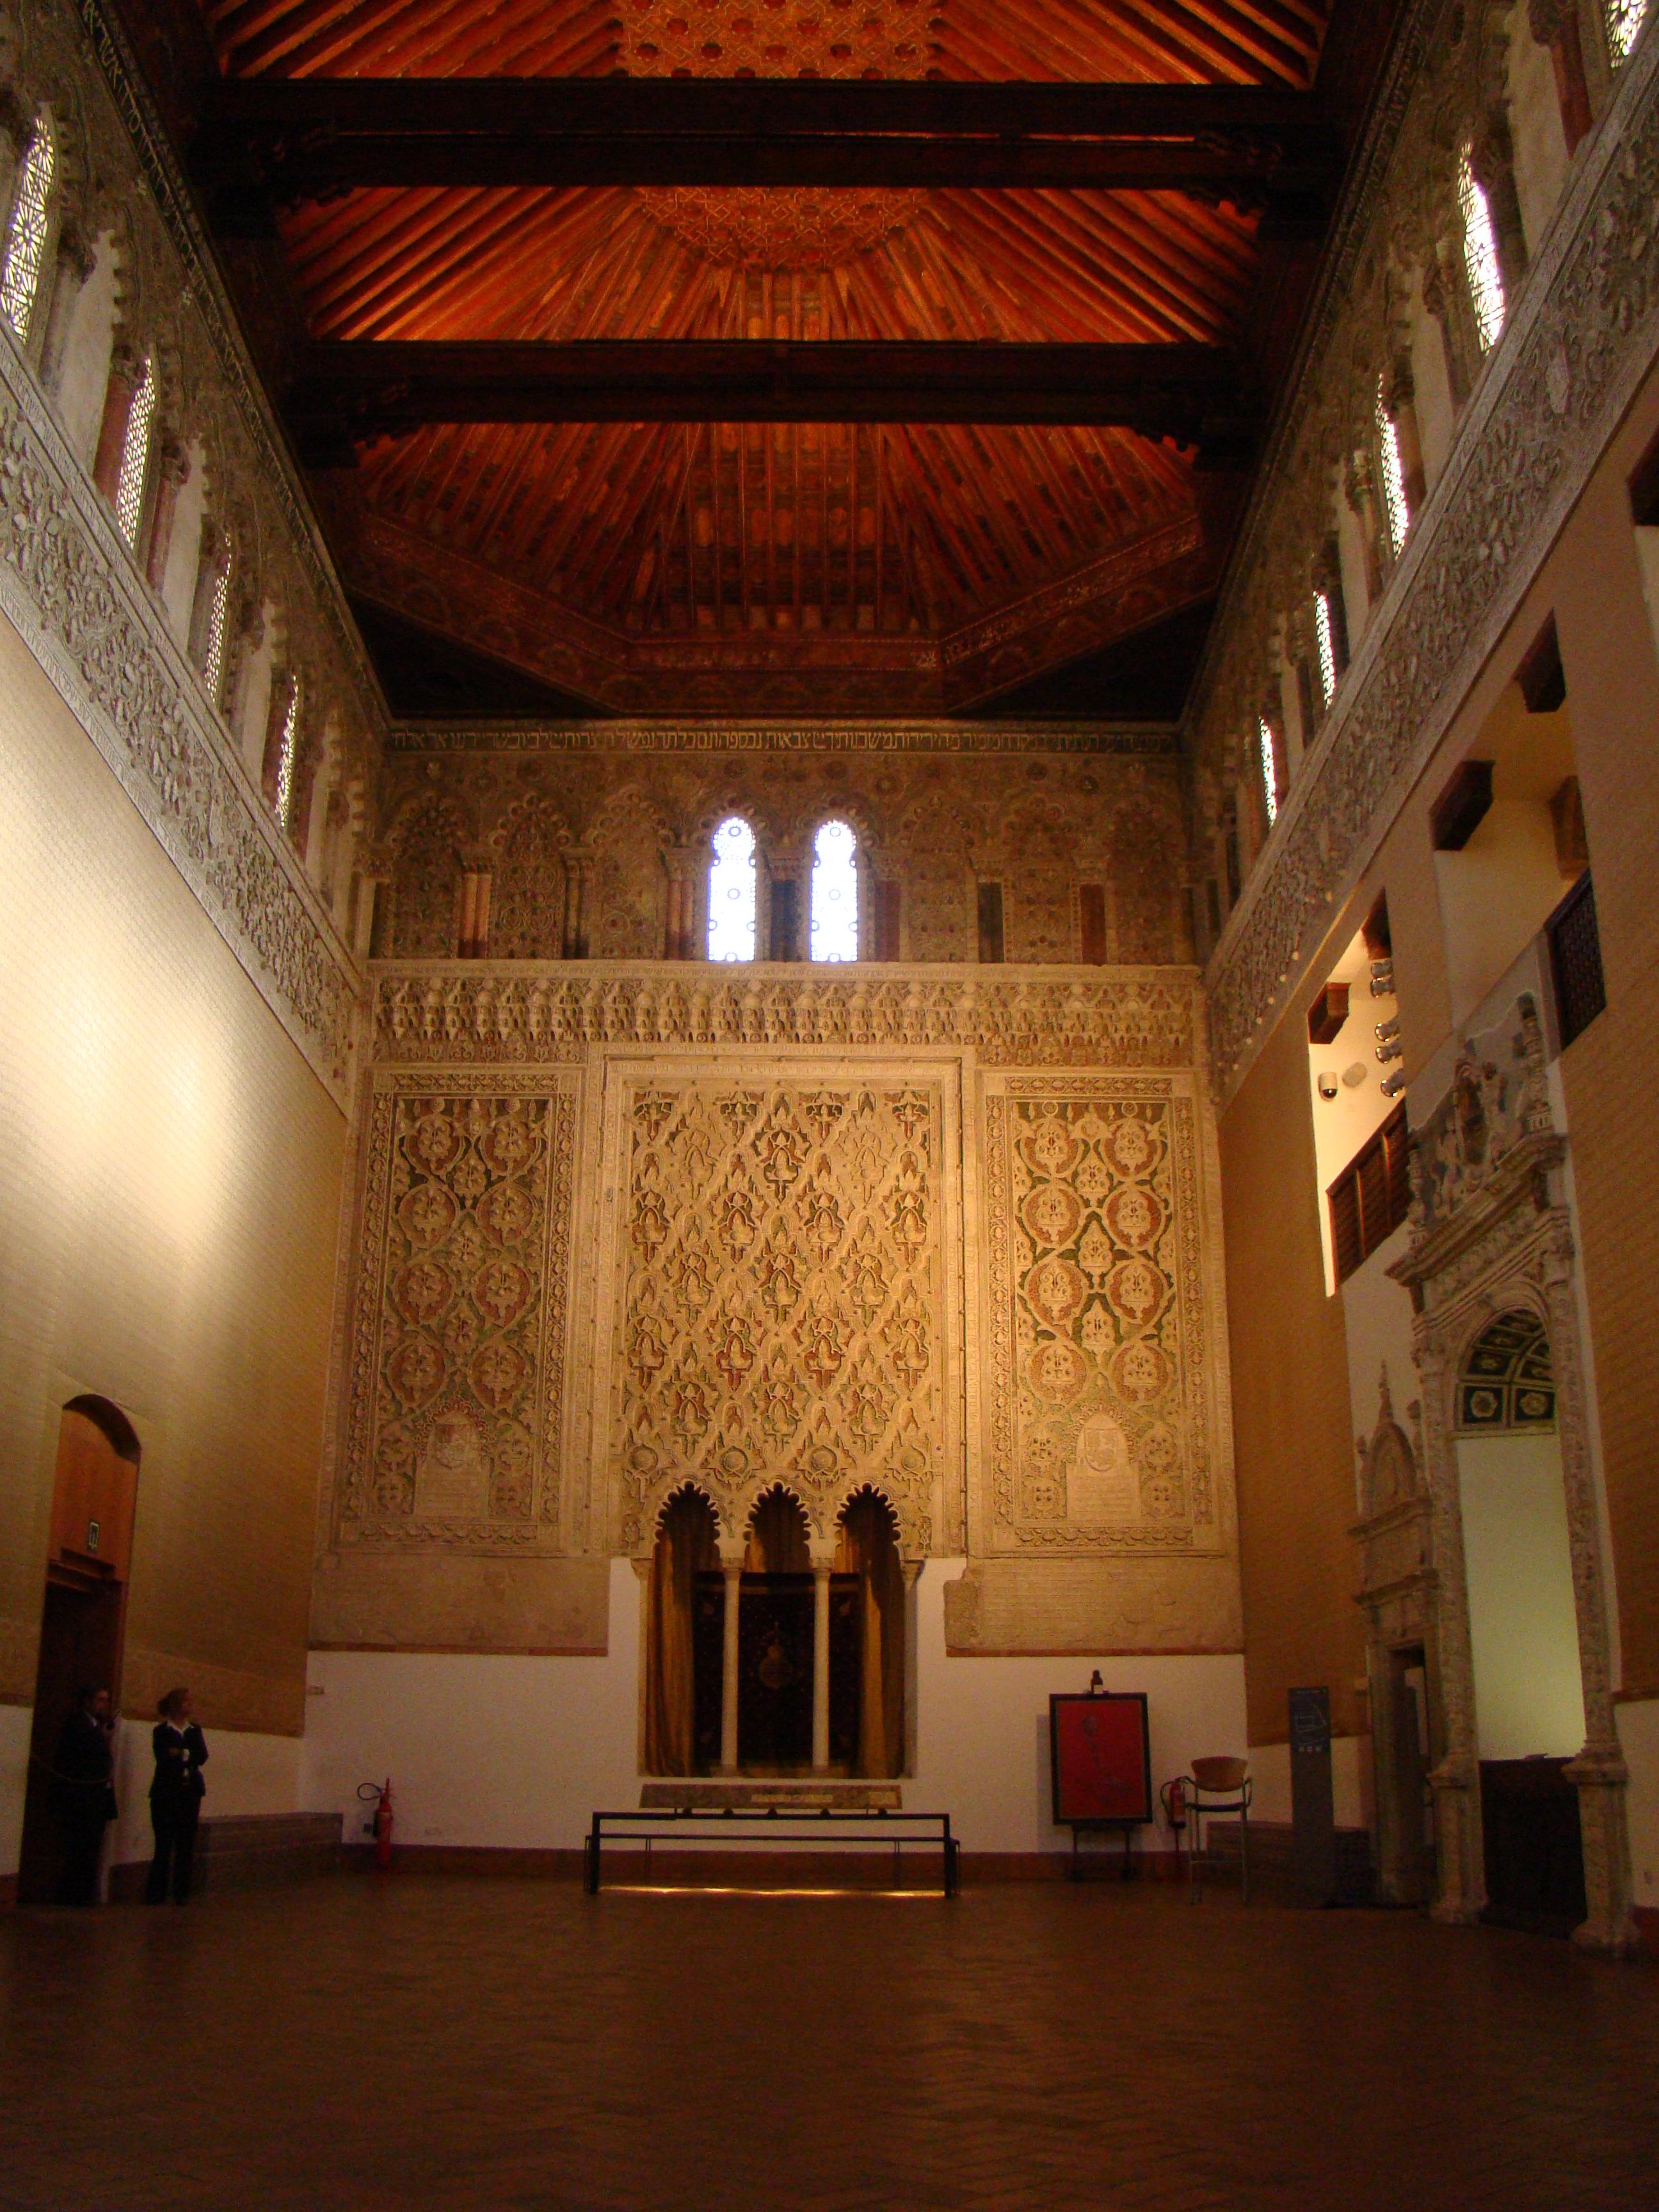 File:España - Toledo - Sinagoga del Tránsito - Interior.JPG - Wikimedia Commons